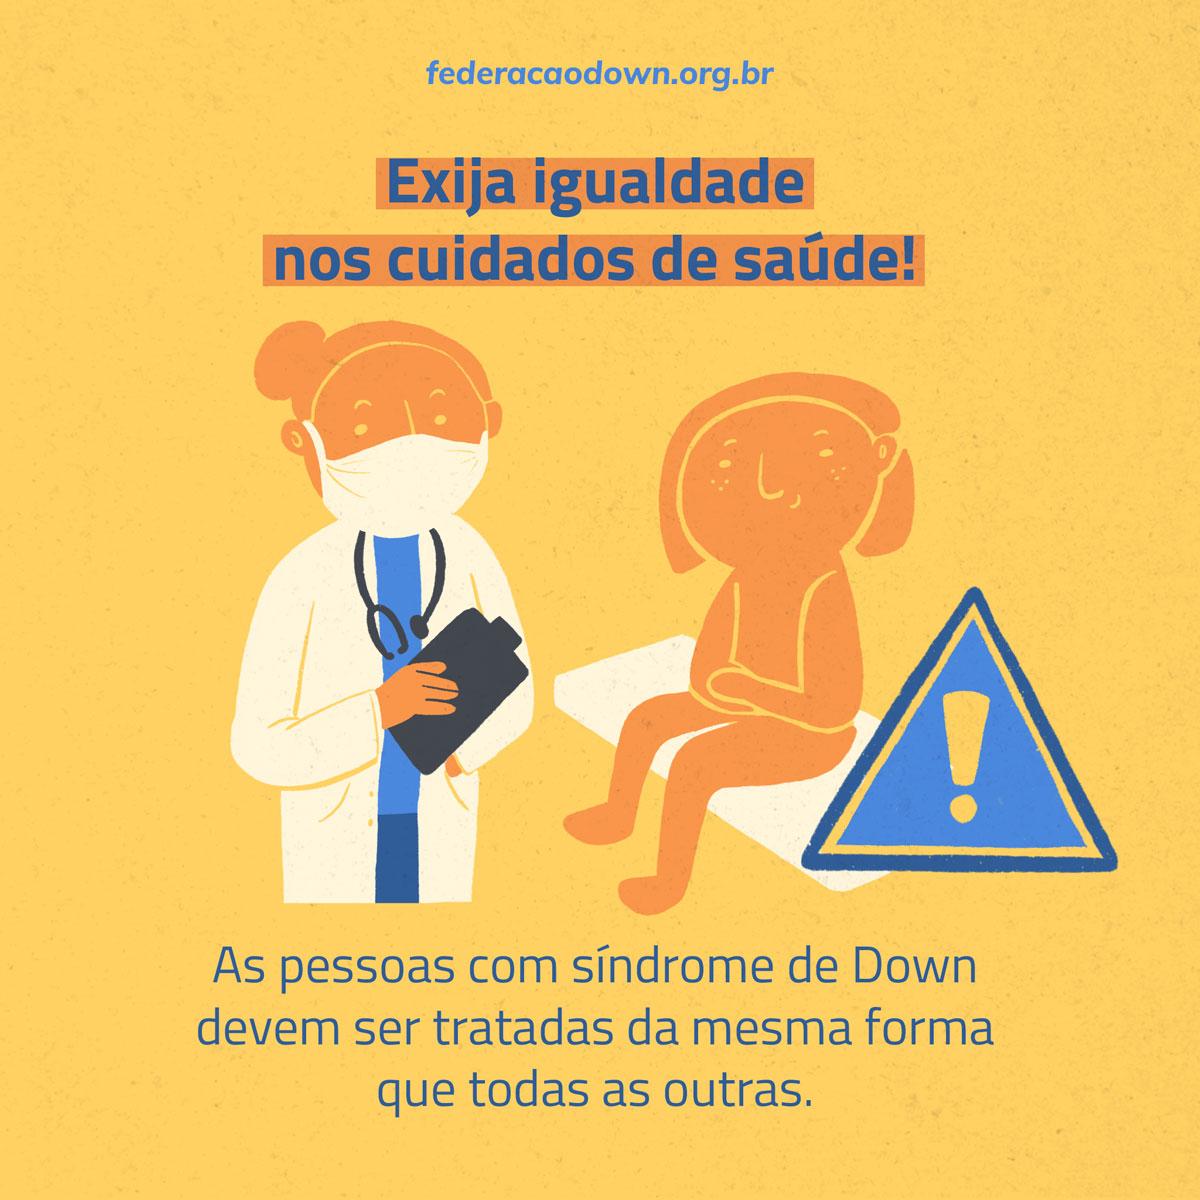 """Imagem: Sobre fundo laranja, aparecem (de cima para baixo): o site federacaodown.org.br seguido pela frase : """"Exija igualdade nos cuidados de saúde!"""". Abaixo está a ilustração de um médico que atende um paciente. O médico está de jaleco, estetoscópio, máscara no rosto e segura uma prancheta. O paciente está sentado à sua frente em uma maca e a seu lado está um ponto de exclamação. Na parte inferior da imagem está escrito a frase: """"As pessoas com síndrome de Down devem ser tratadas da mesma forma que todas as outras""""."""